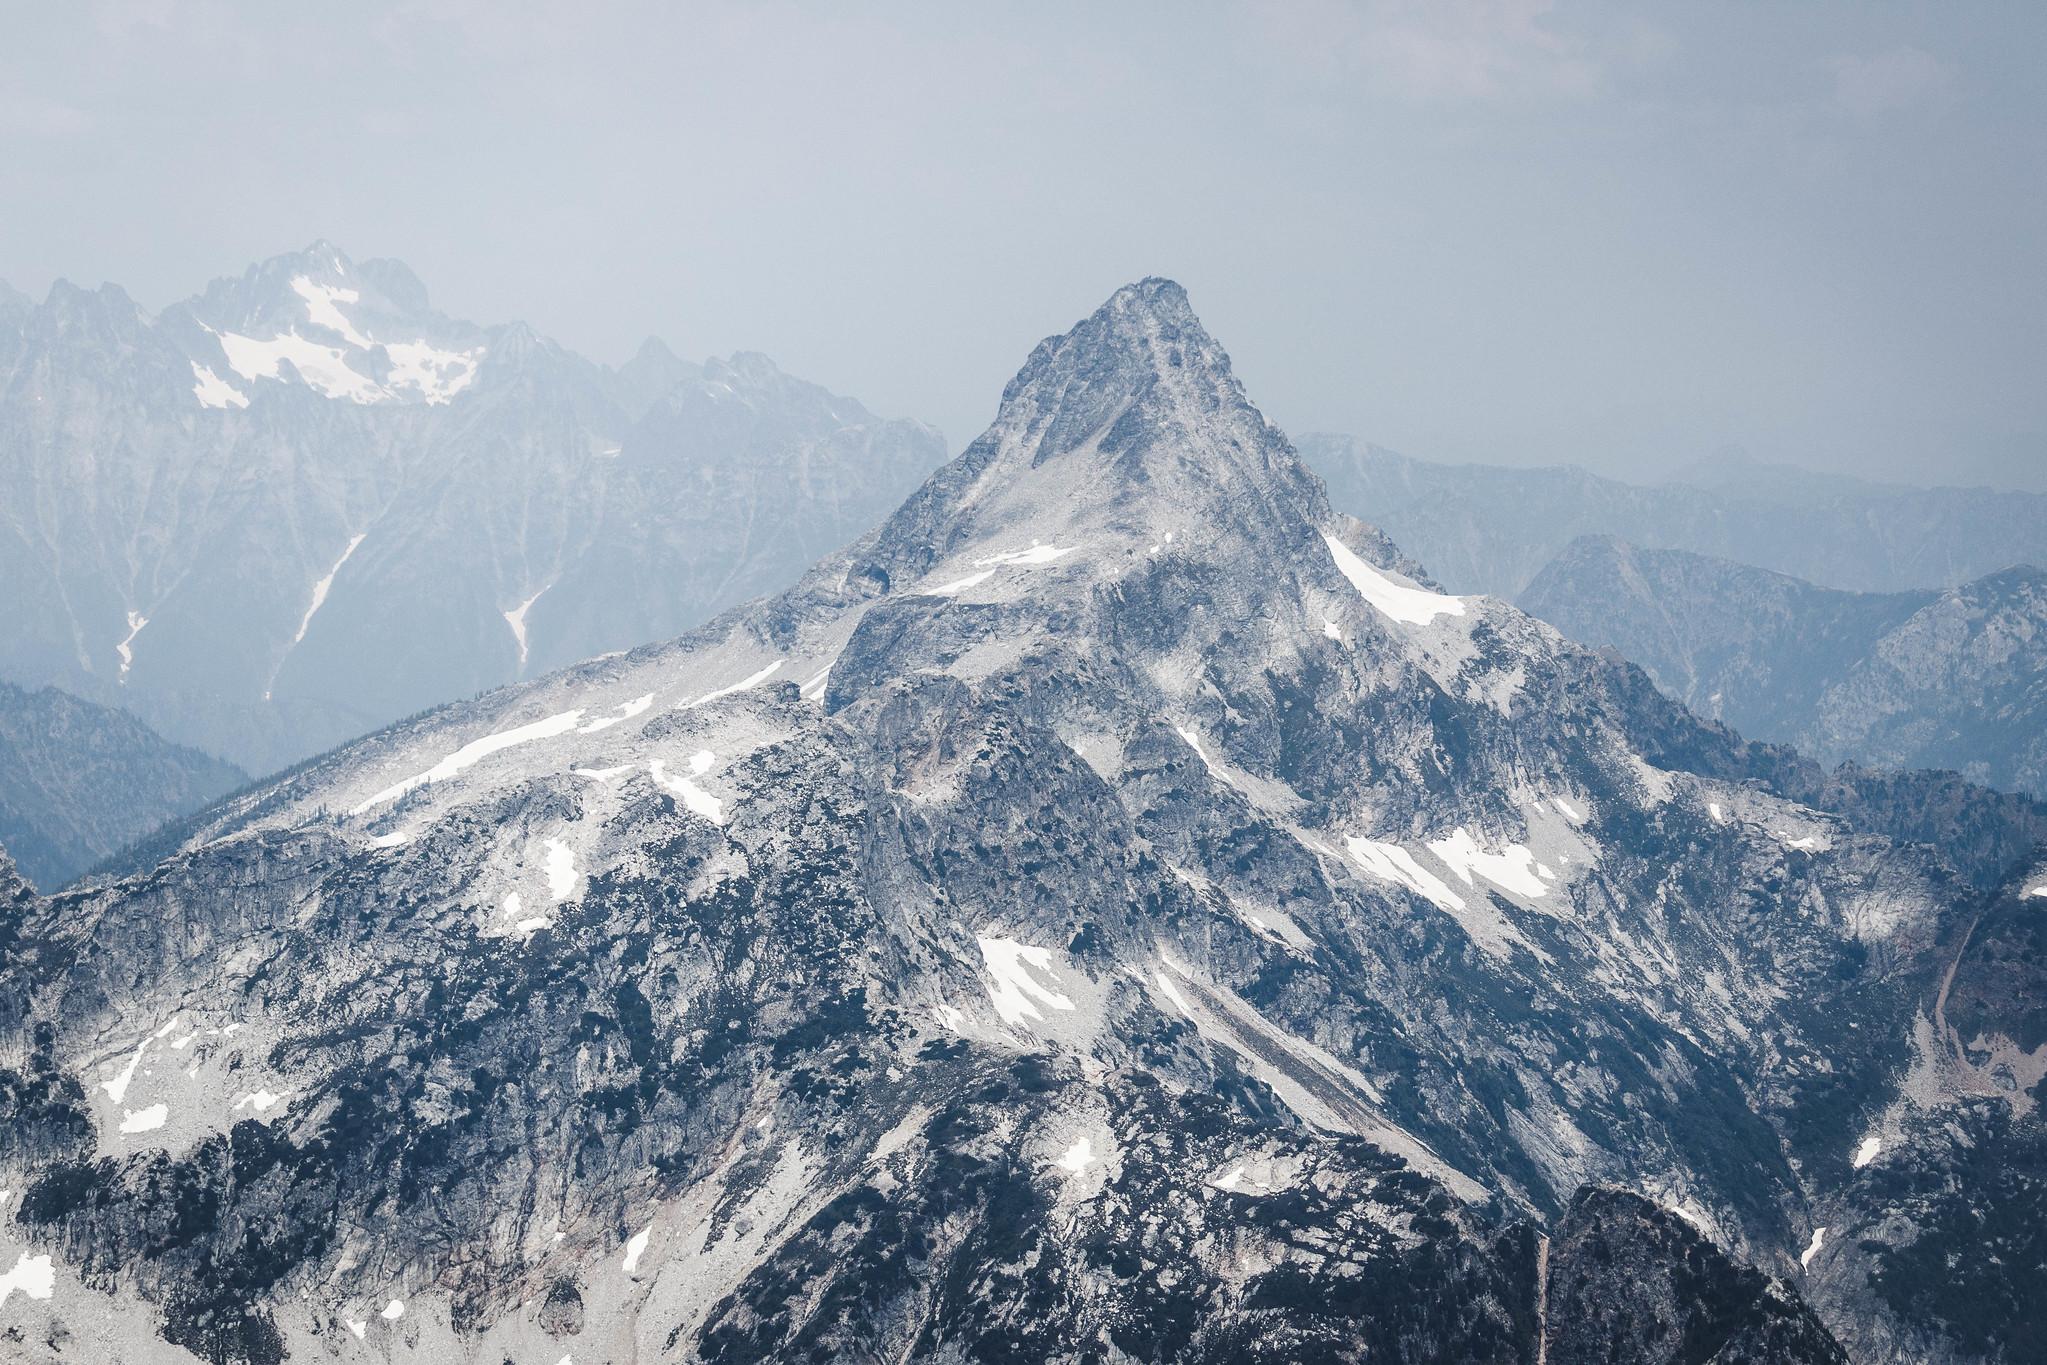 Luna Peak